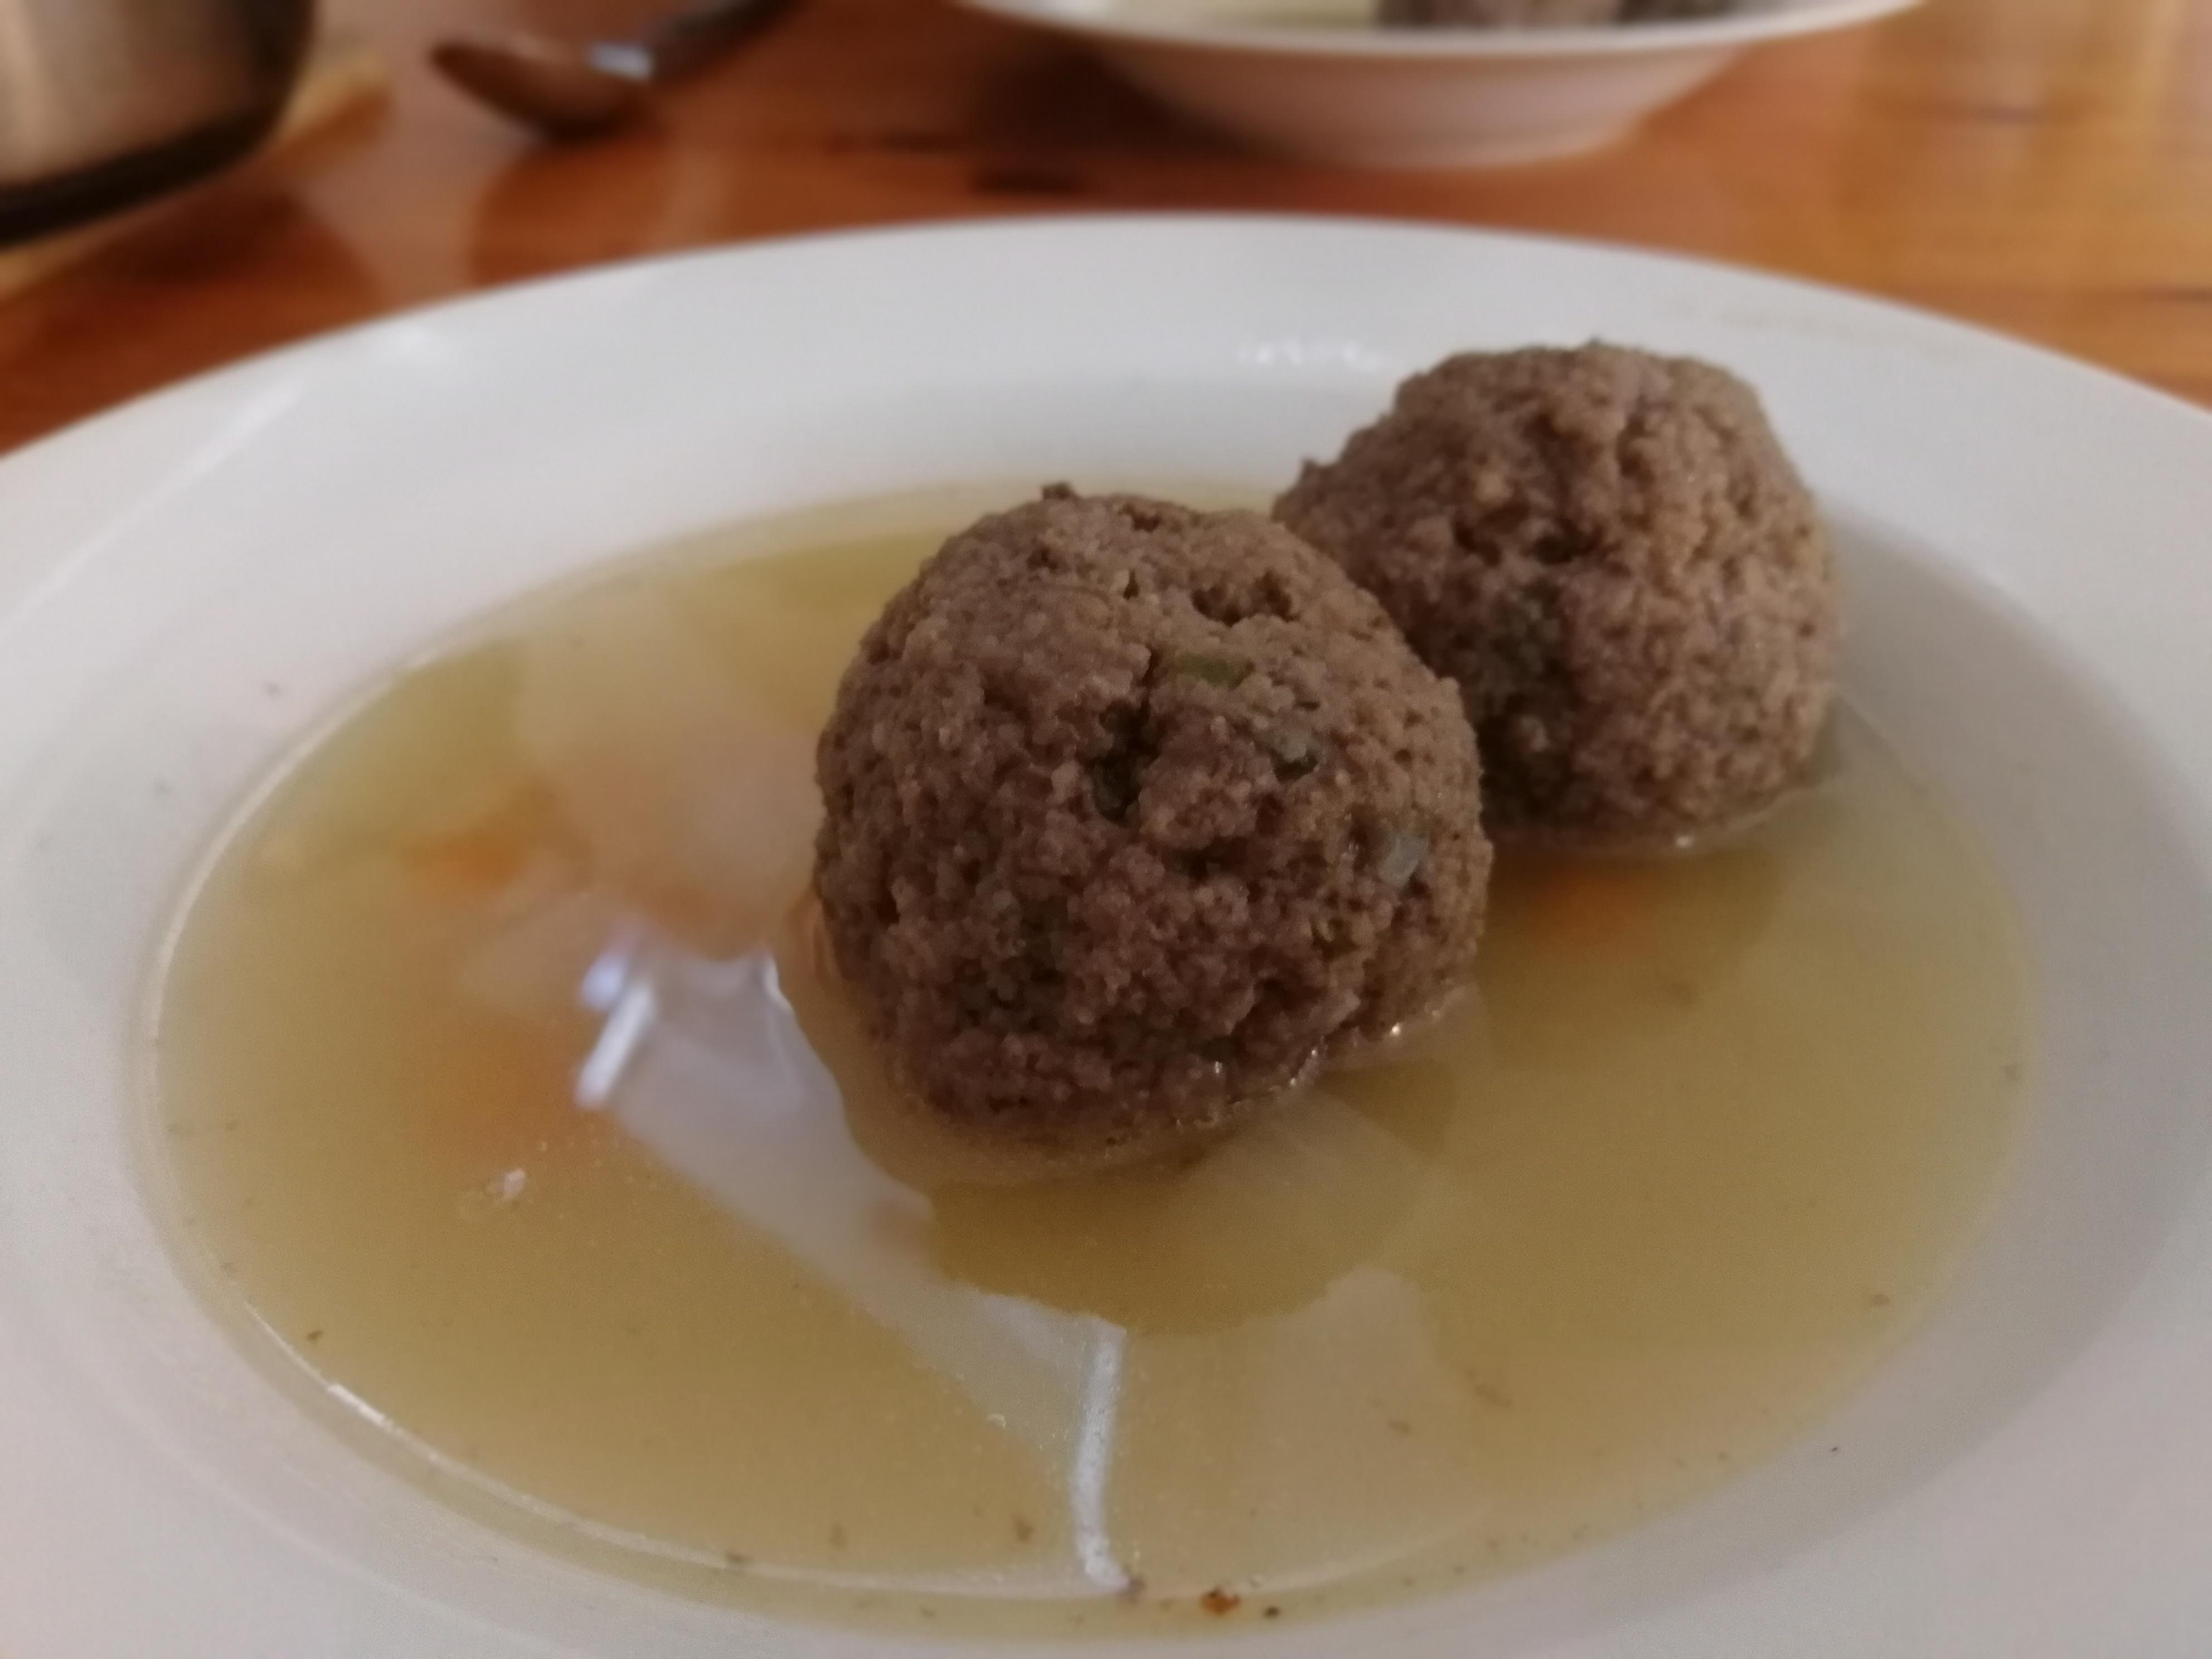 Leberlößchen mit Suppe im Teller.